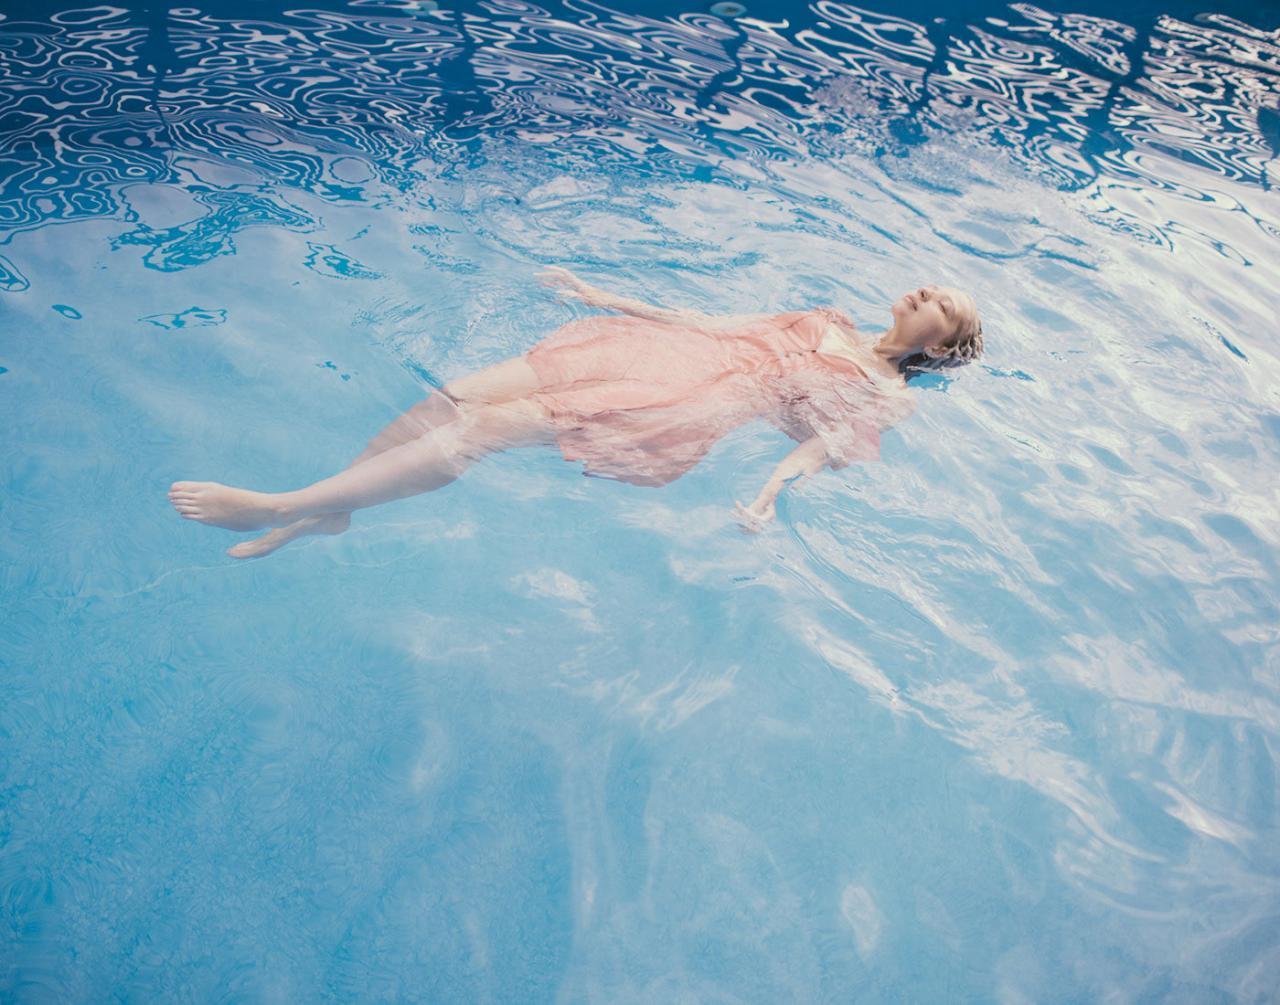 乌克兰摄影Marta syrko 人像摄影作品【blue line】 时尚图库 第2张